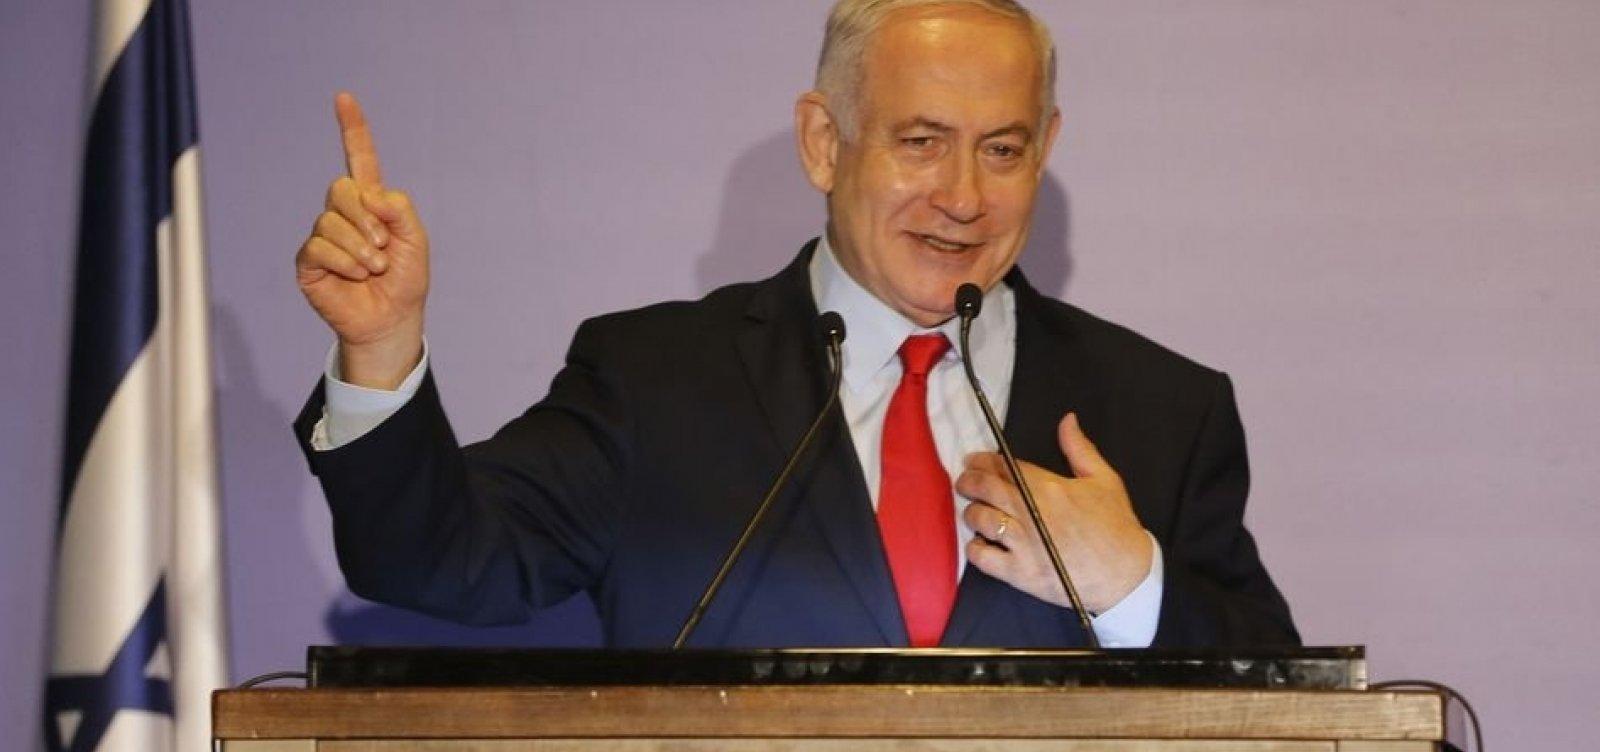 [Netanyahu é indiciado por corrupção e fraude]